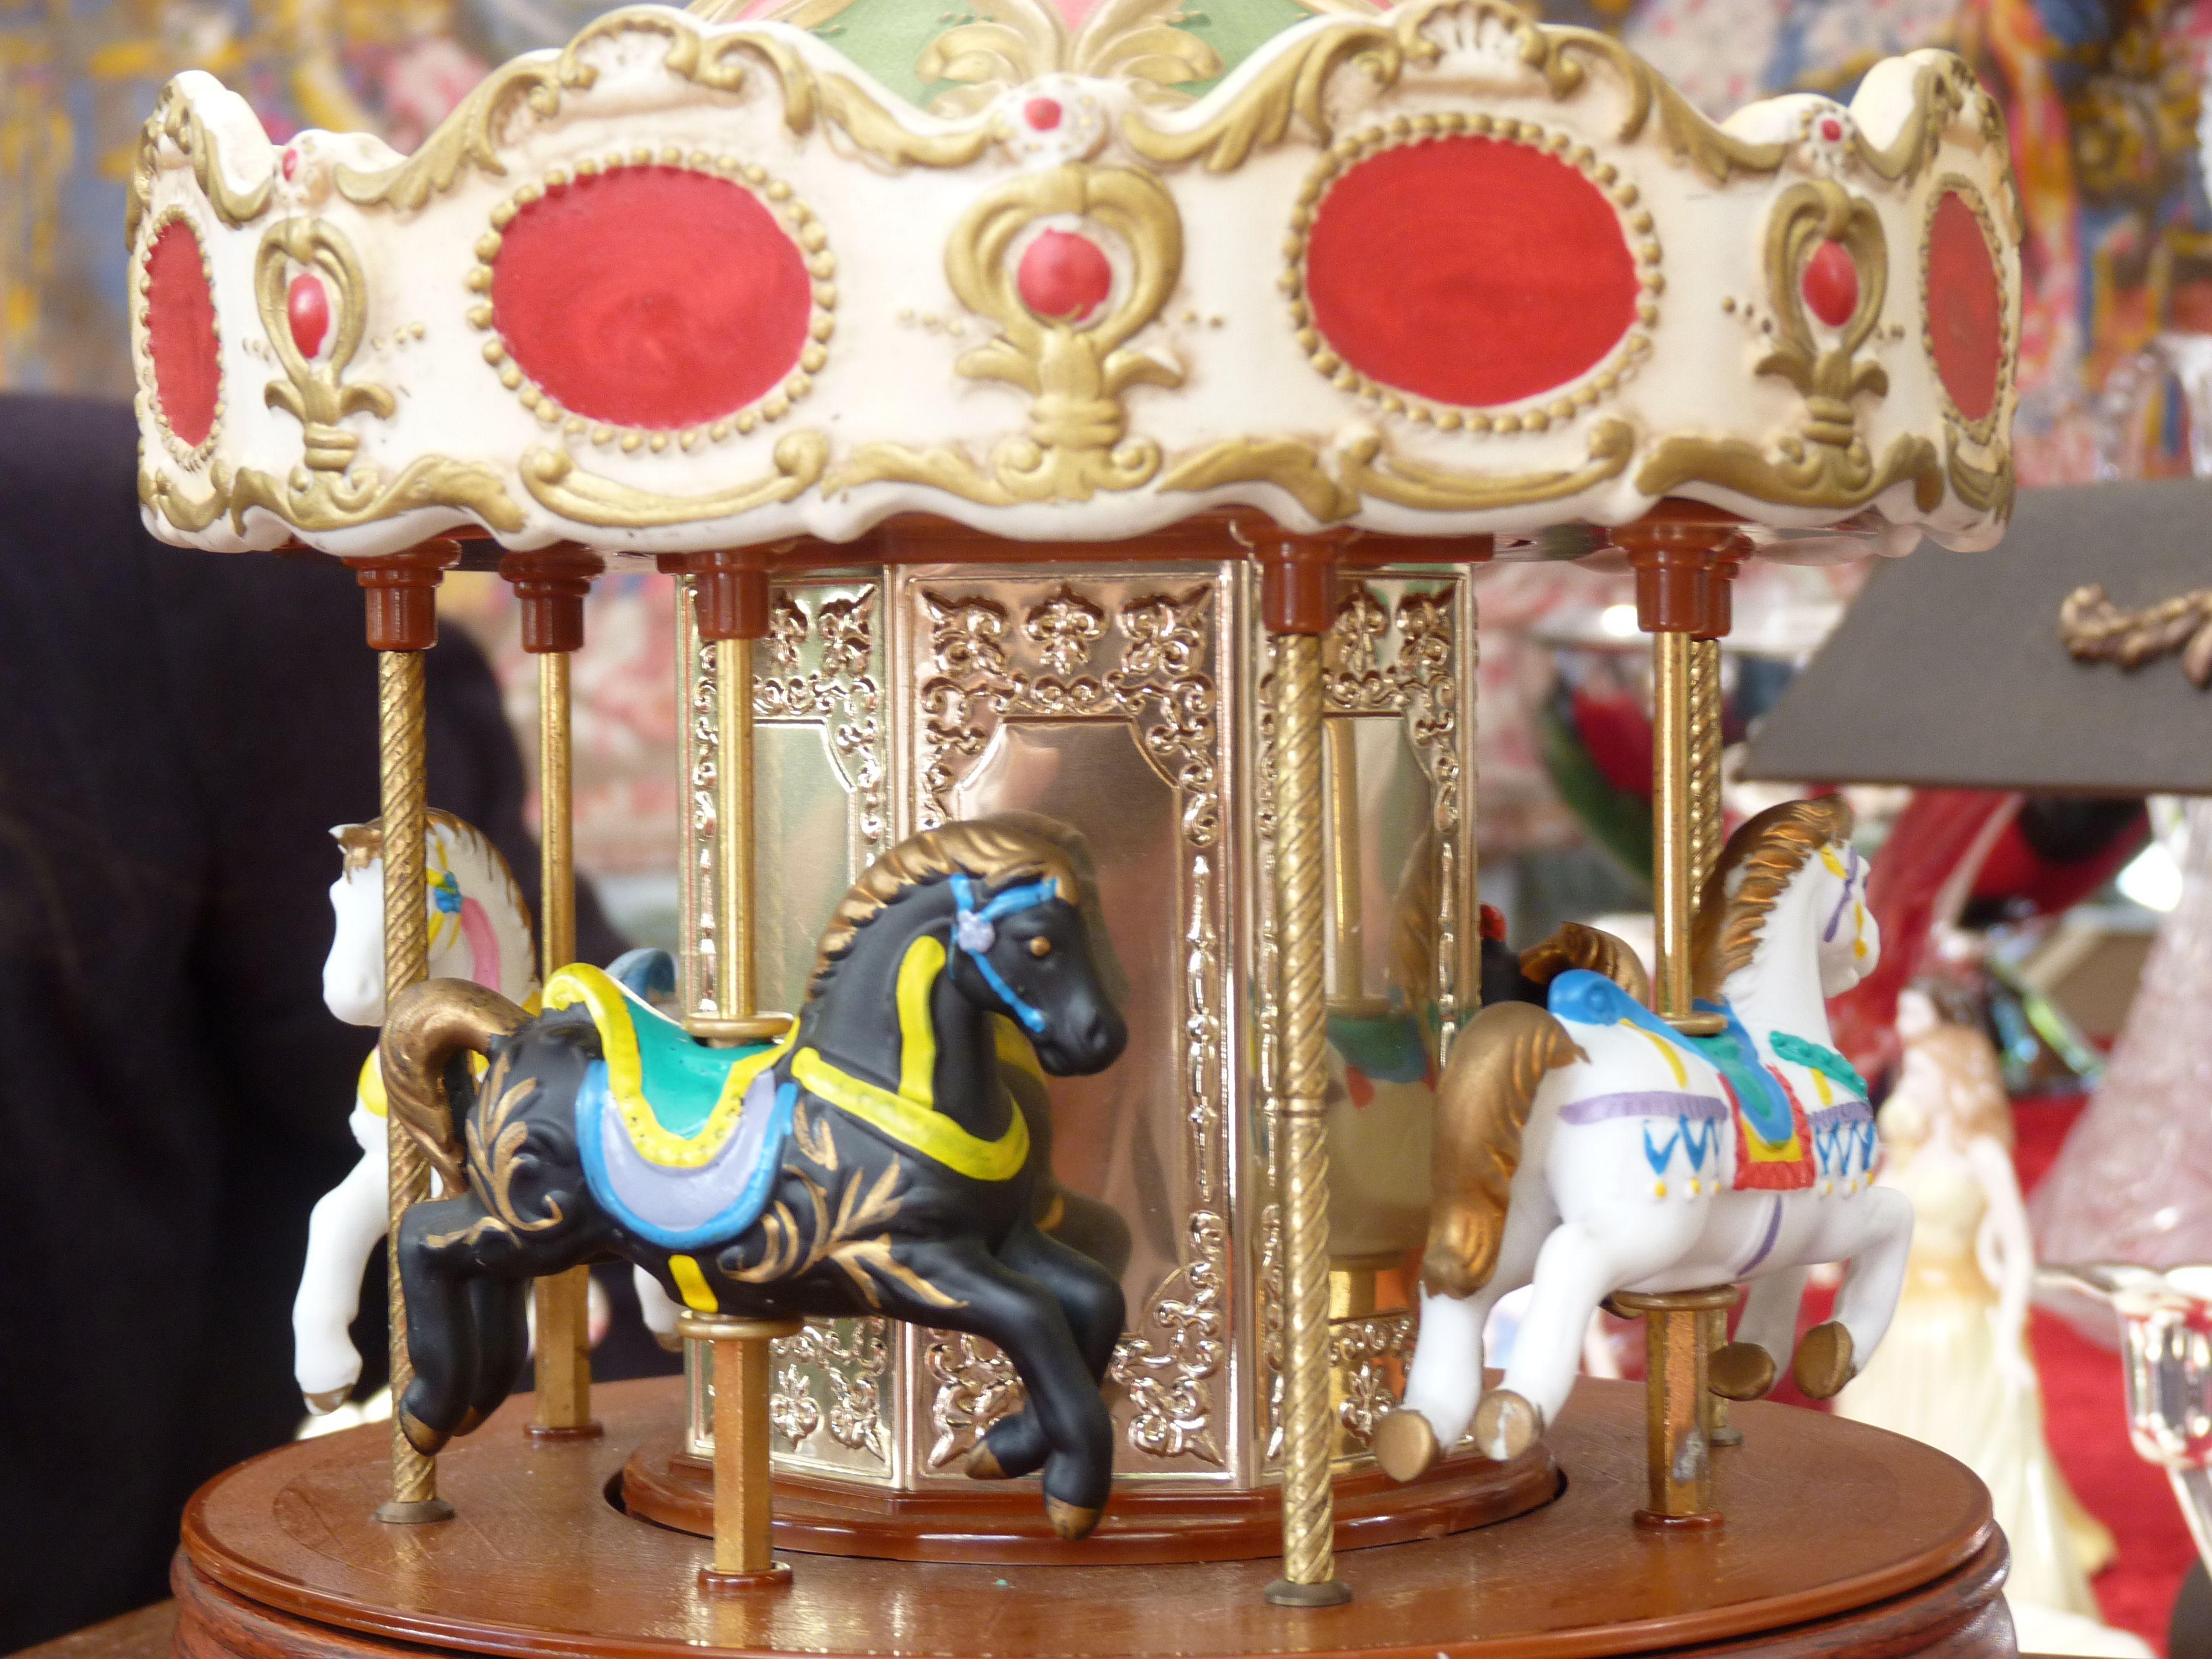 Cavalgada de sonhos (at Benedito Calixto)